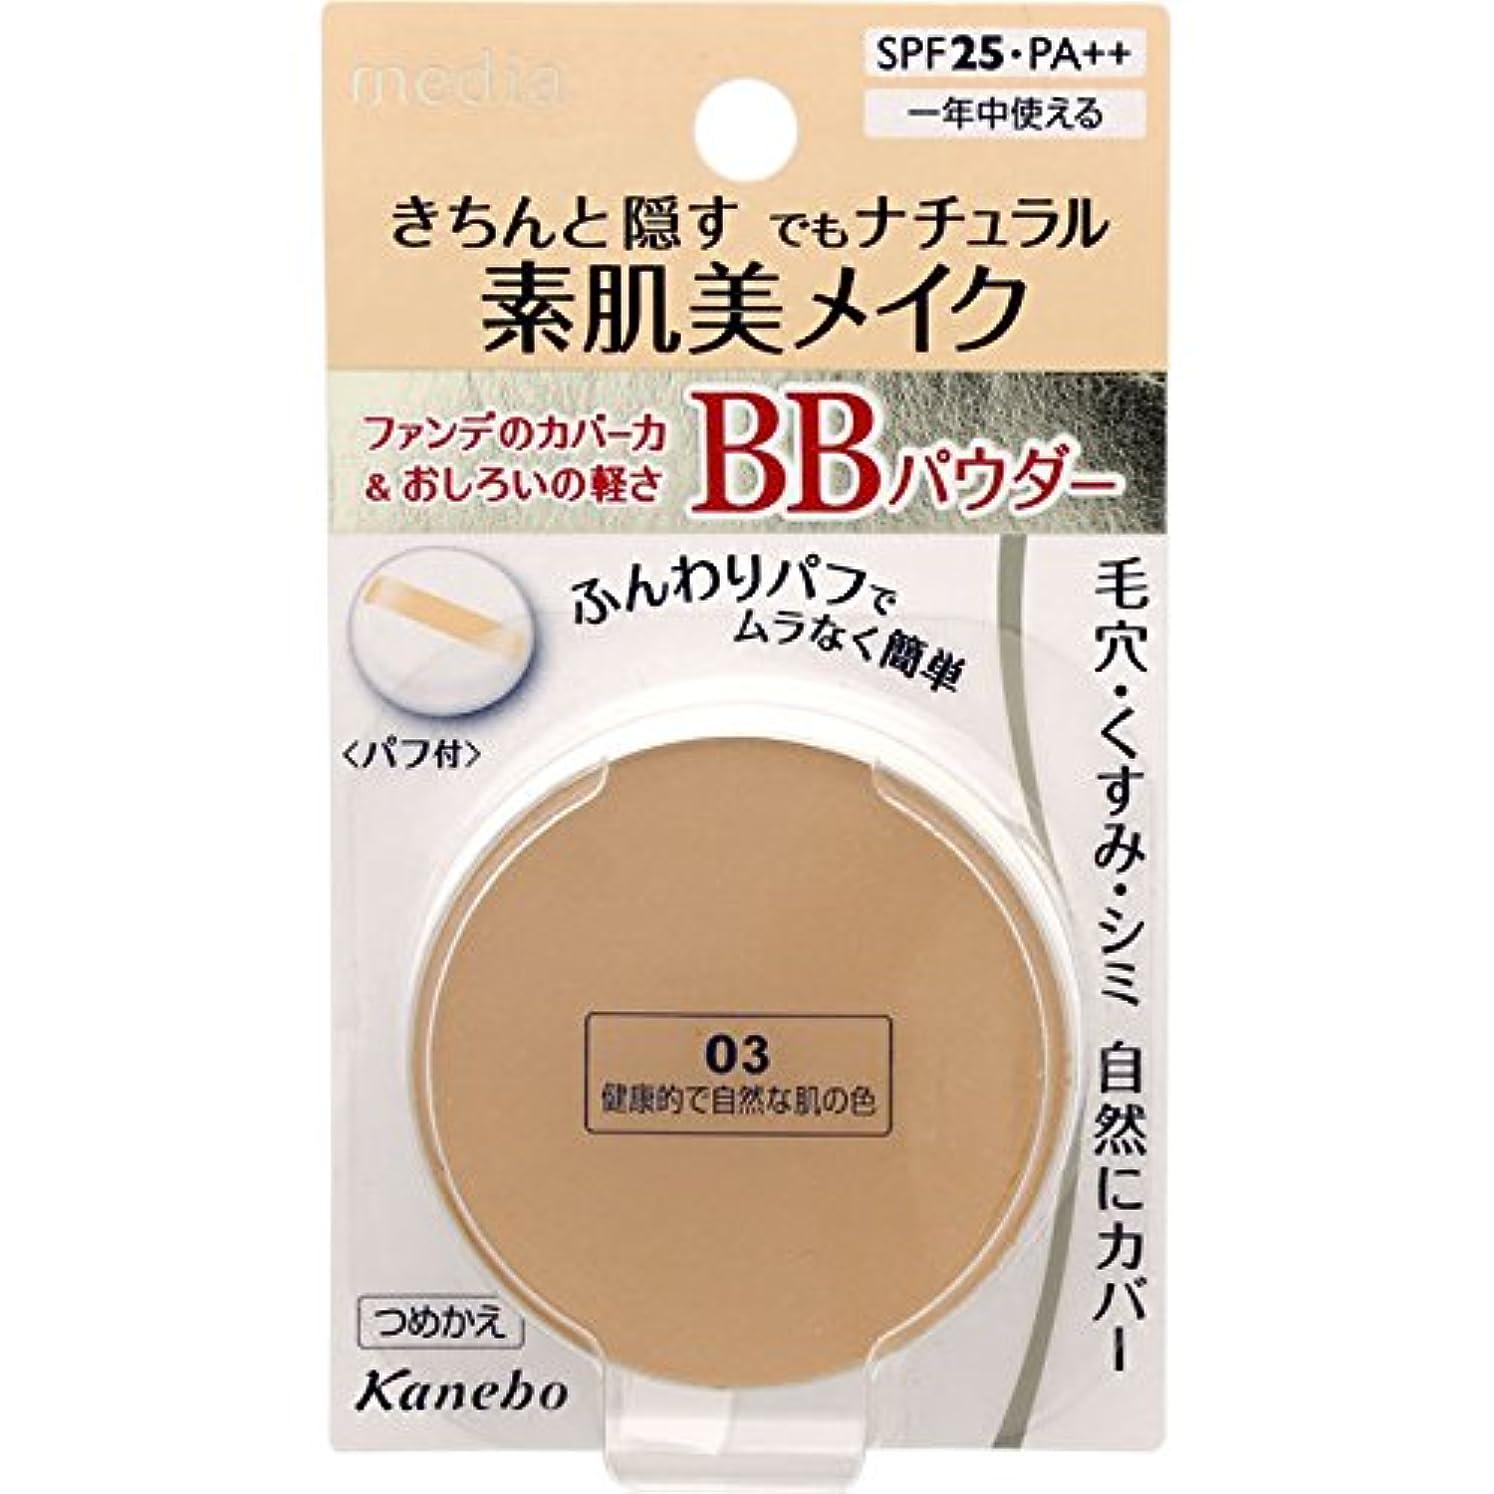 槍安価な間違えたメディアBBパウダー03(健康的で自然な肌の色)×4